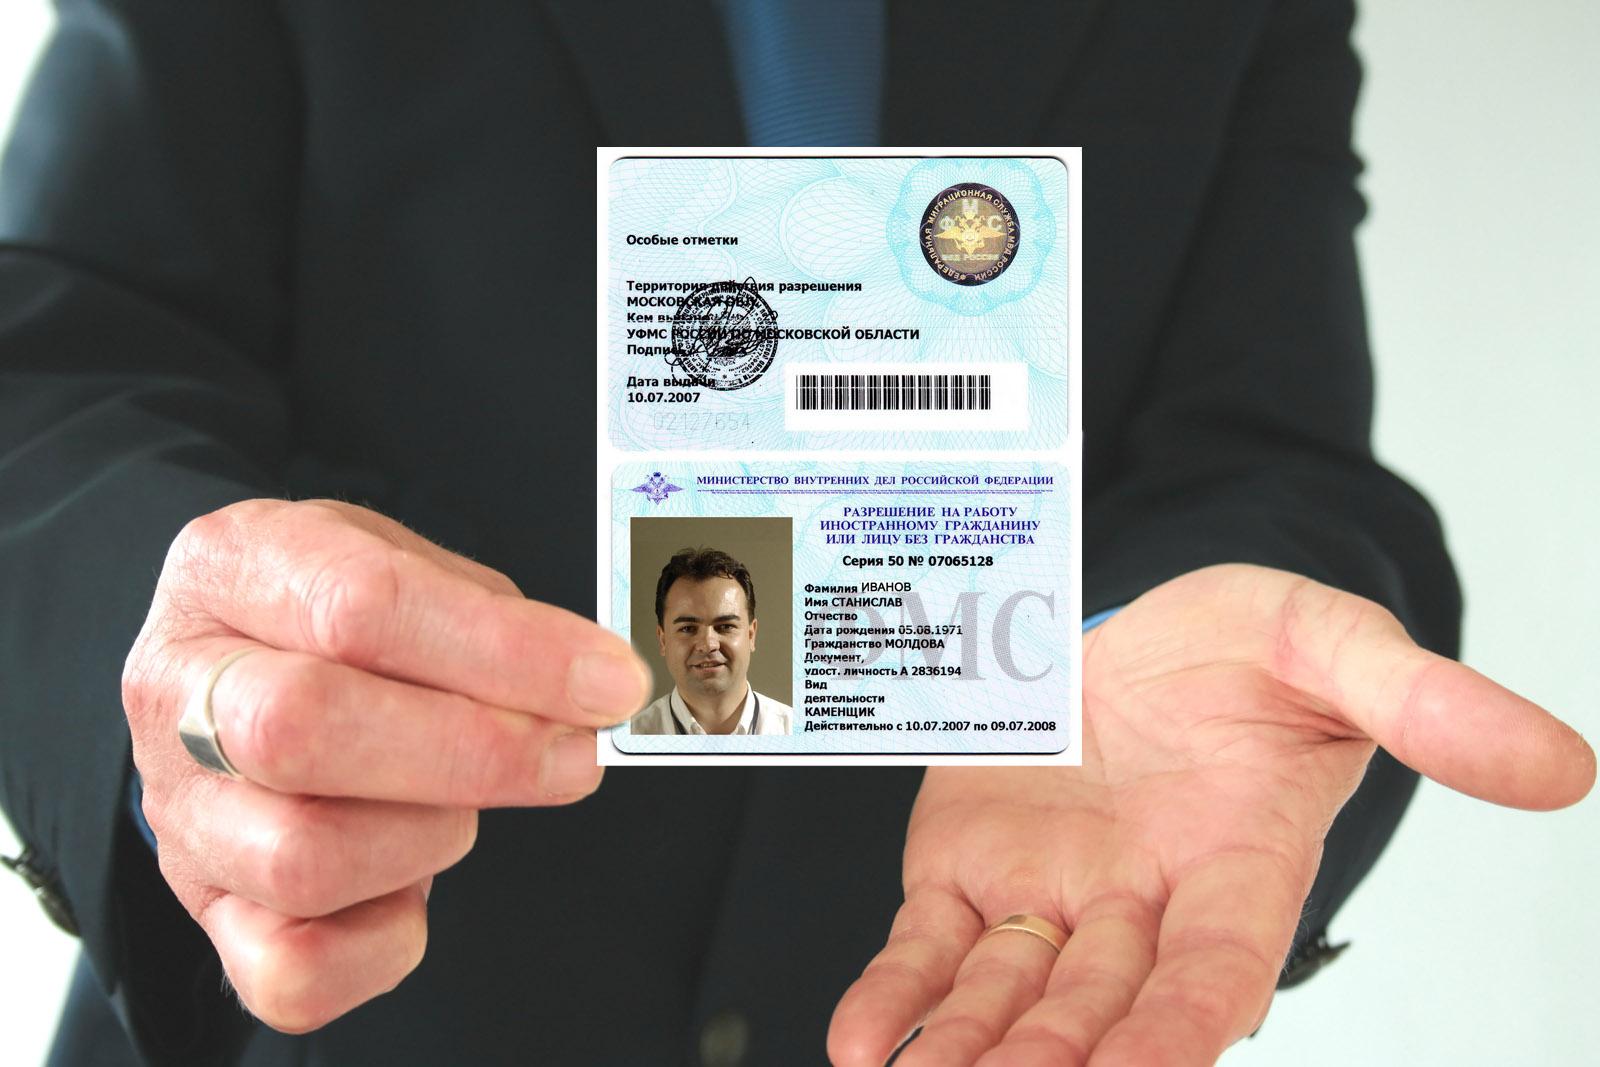 образец карточки разрешения на работу